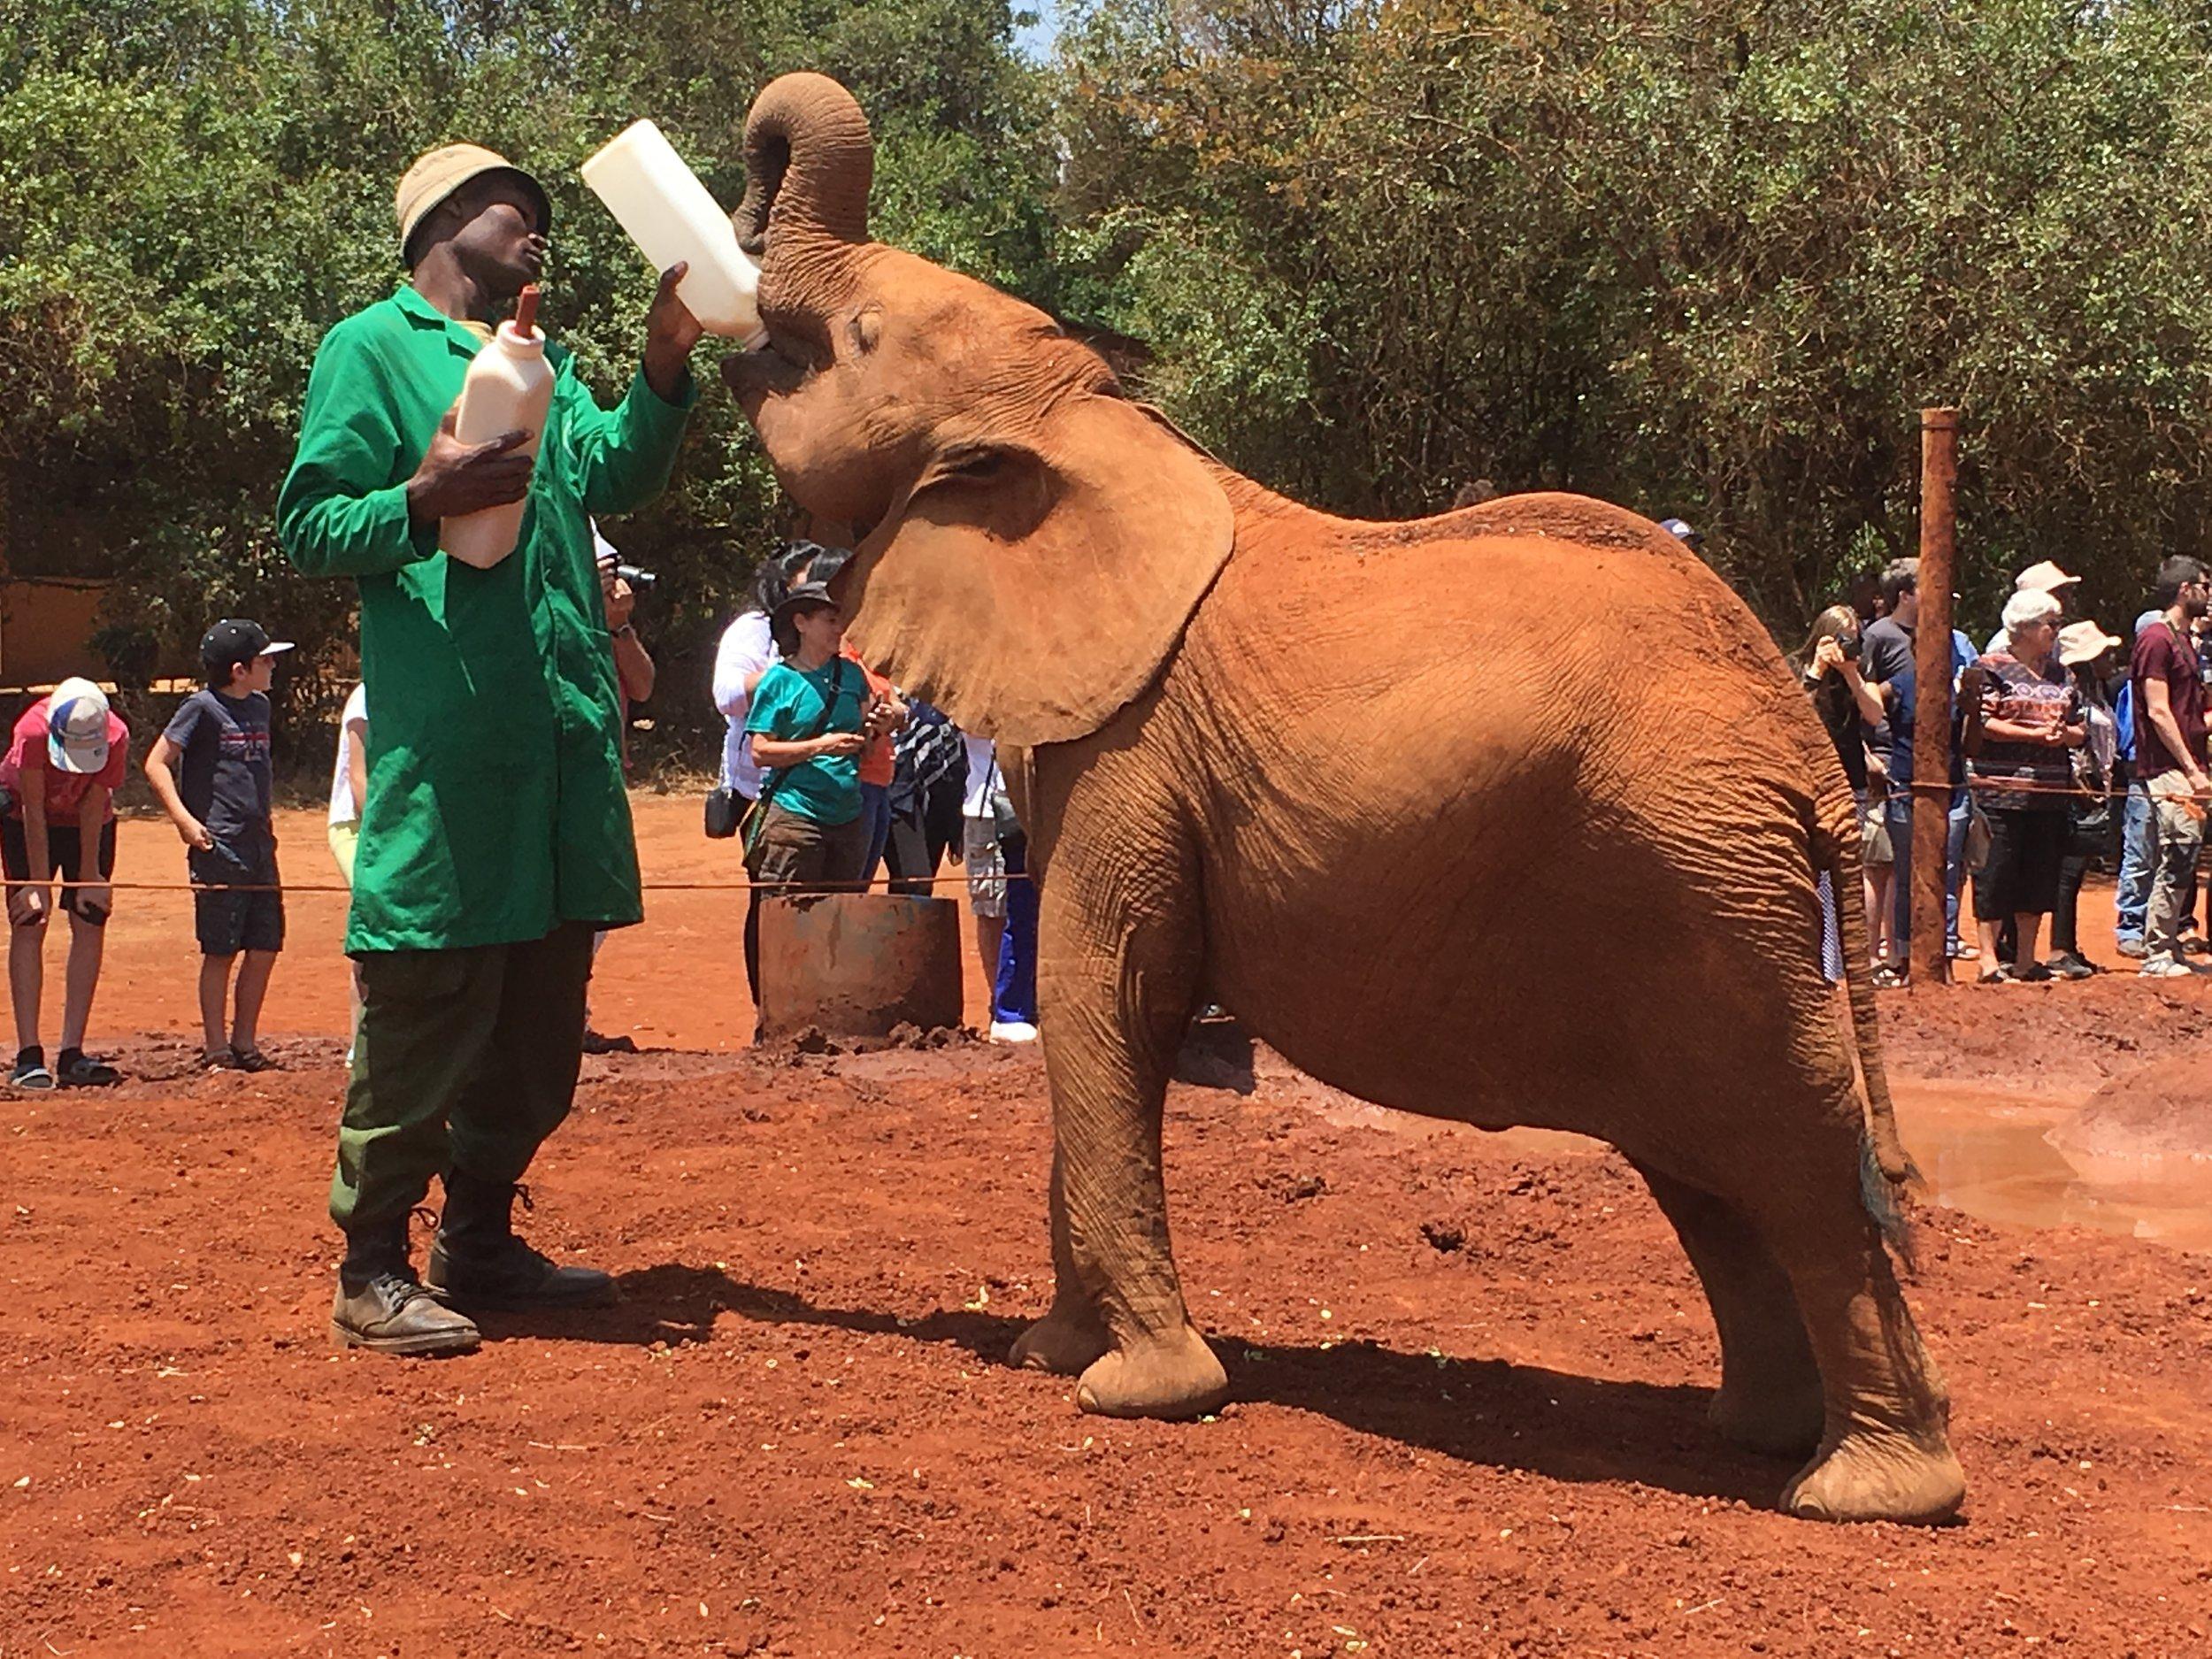 baby elephant feeding at Sheldrick's Elephant Orphanage